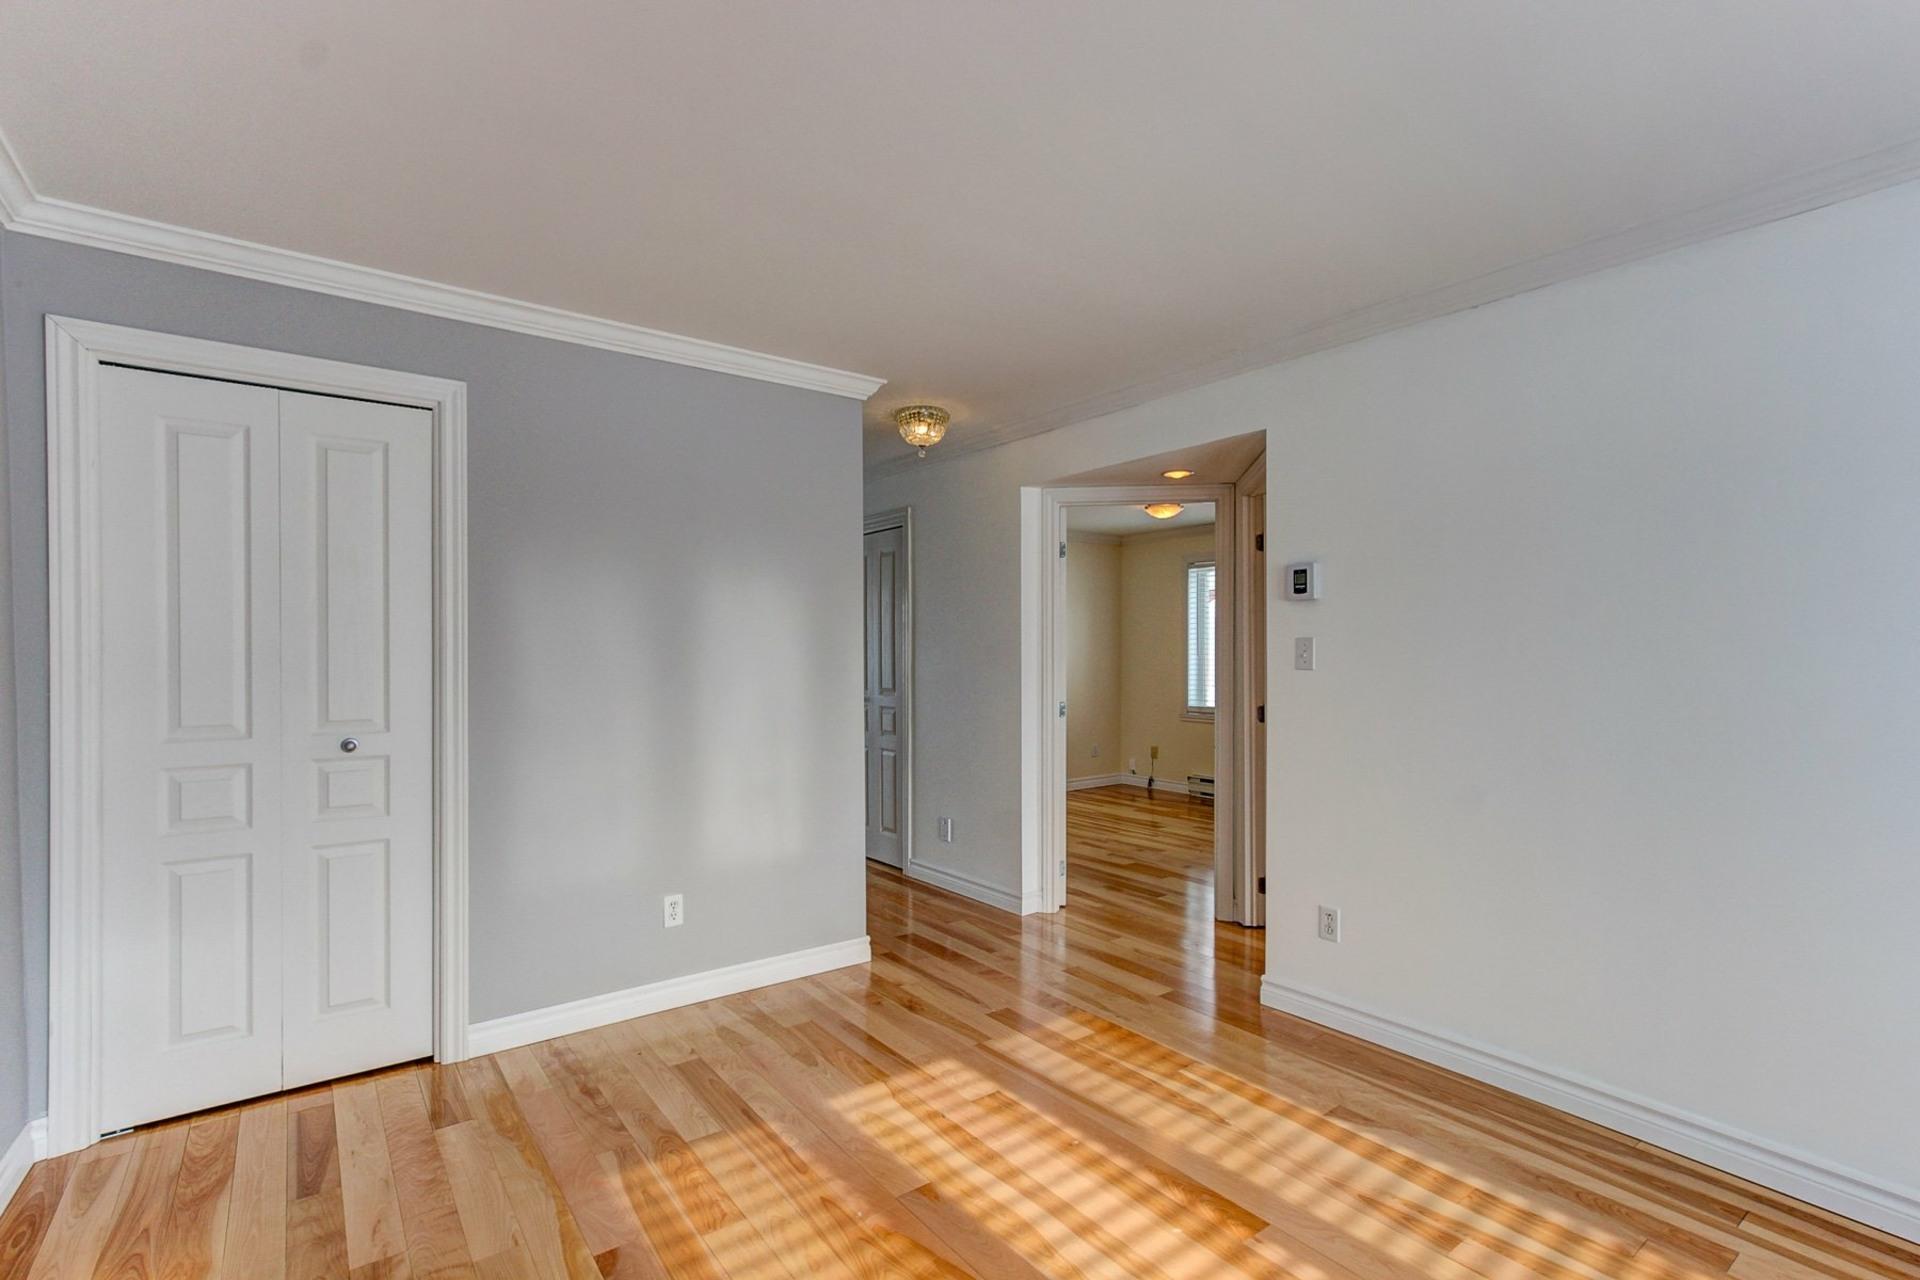 image 5 - Appartement À vendre Trois-Rivières - 6 pièces